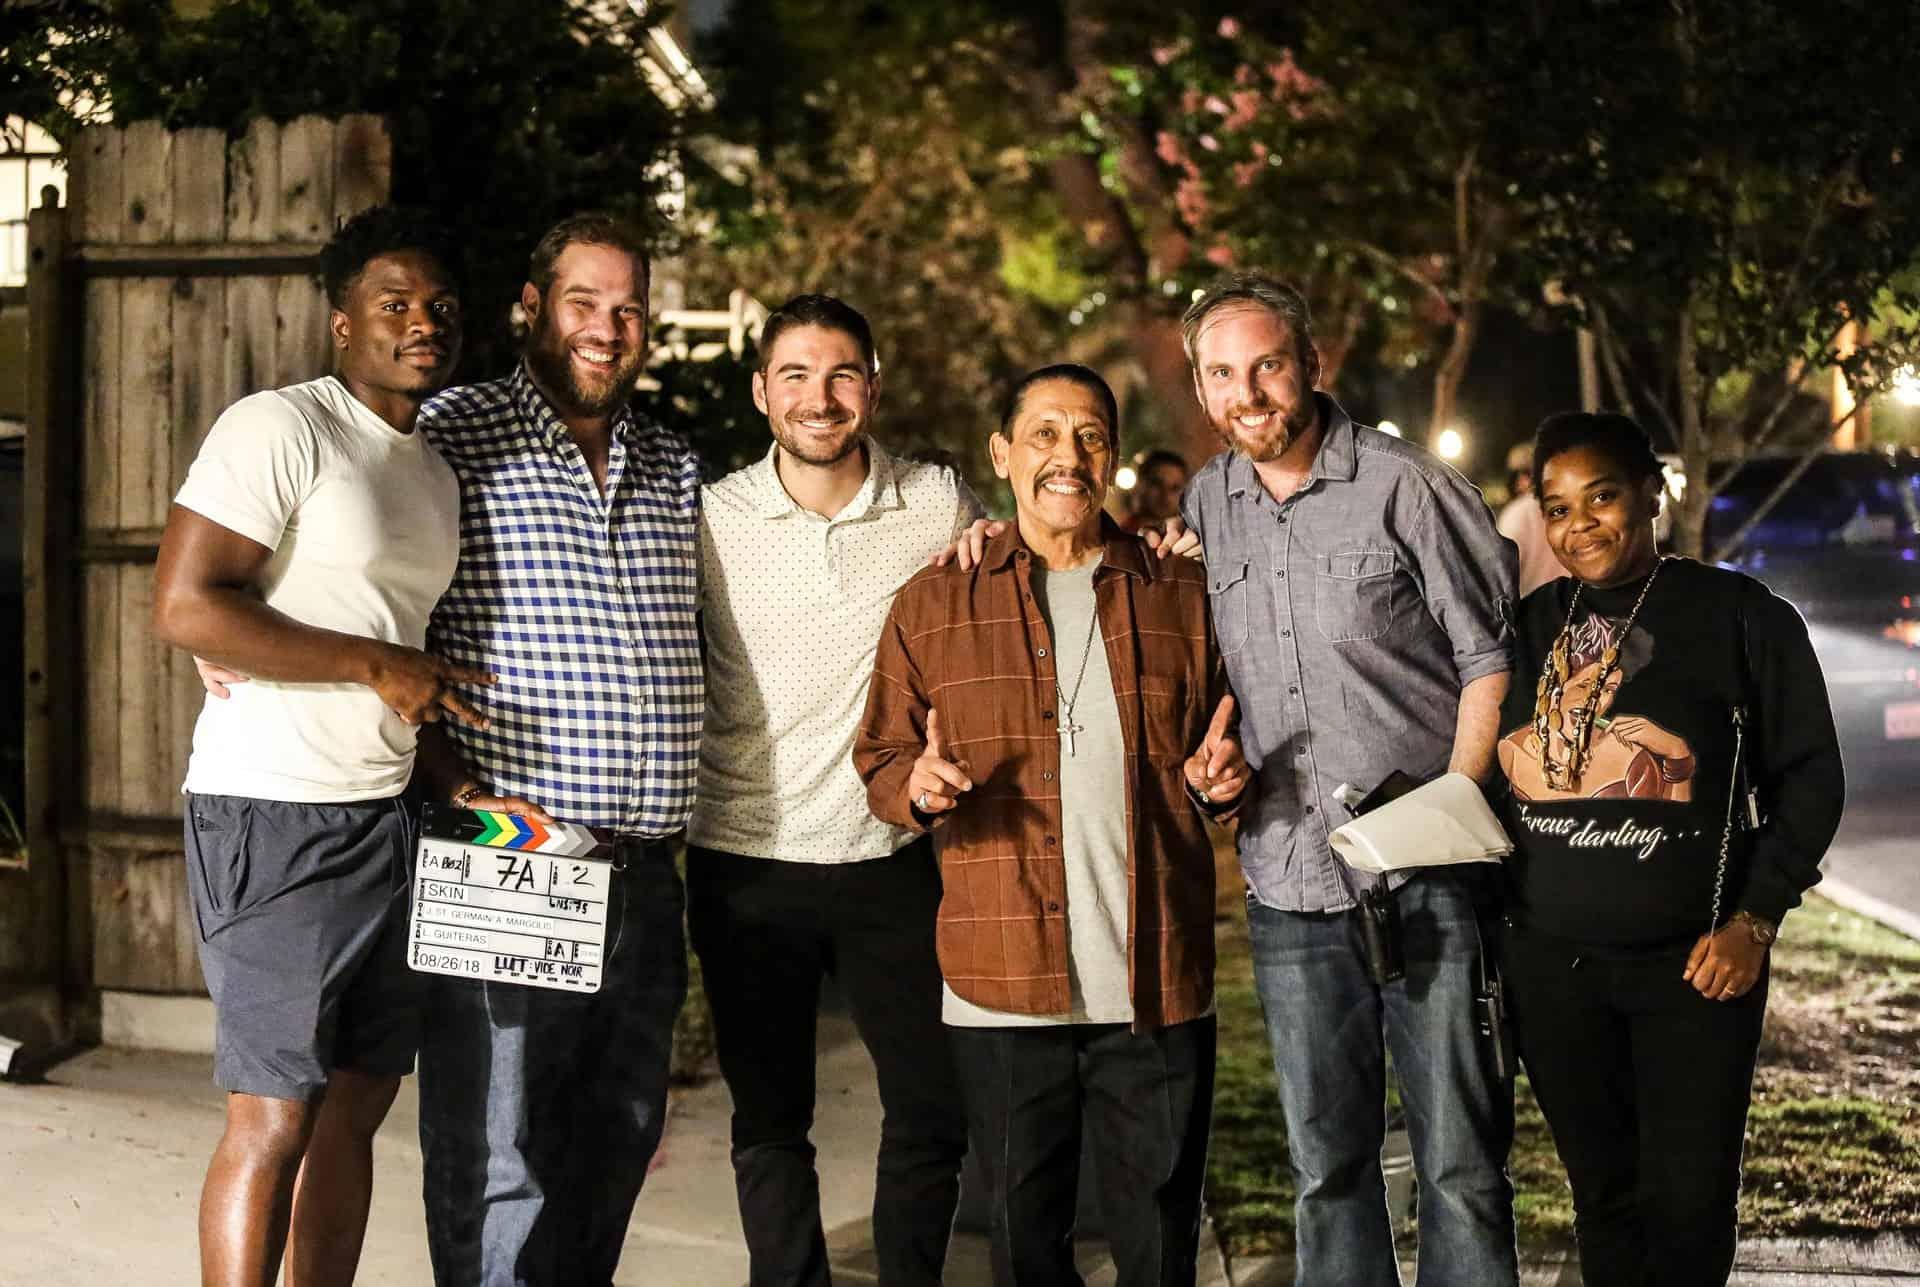 Director-James-Kicklighter-Danny-Trejo-Jim-St-Germain-Ari-Rutenberg